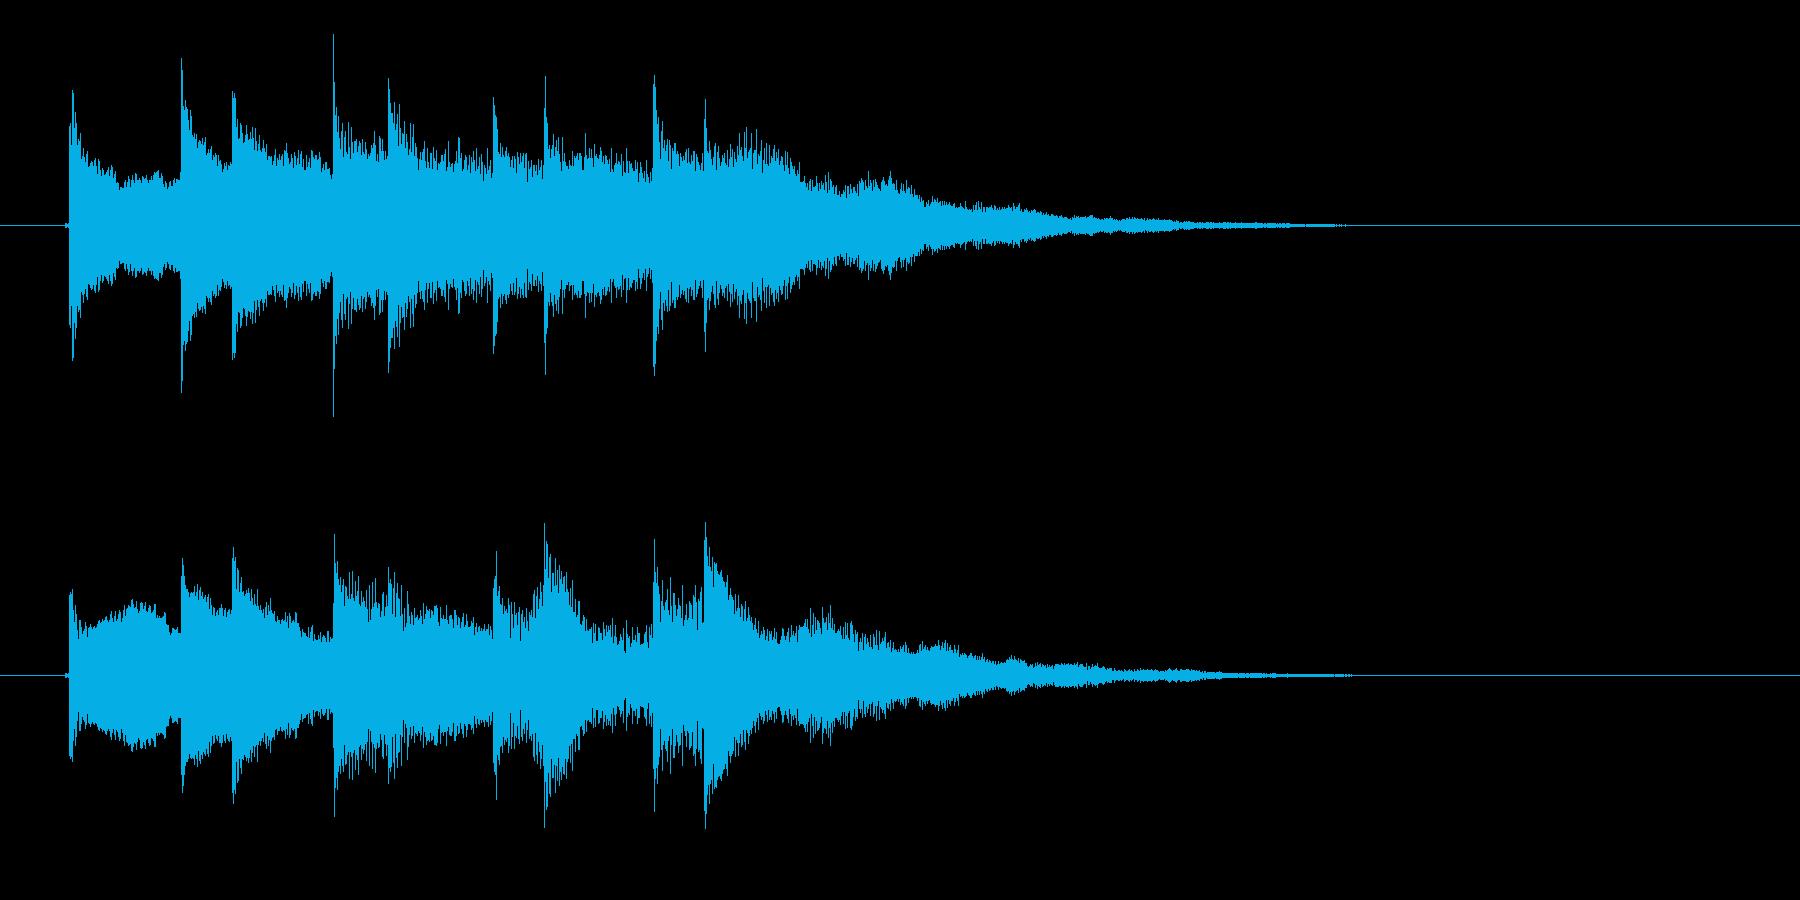 キラキラした金属音が音階を奏でる効果音の再生済みの波形